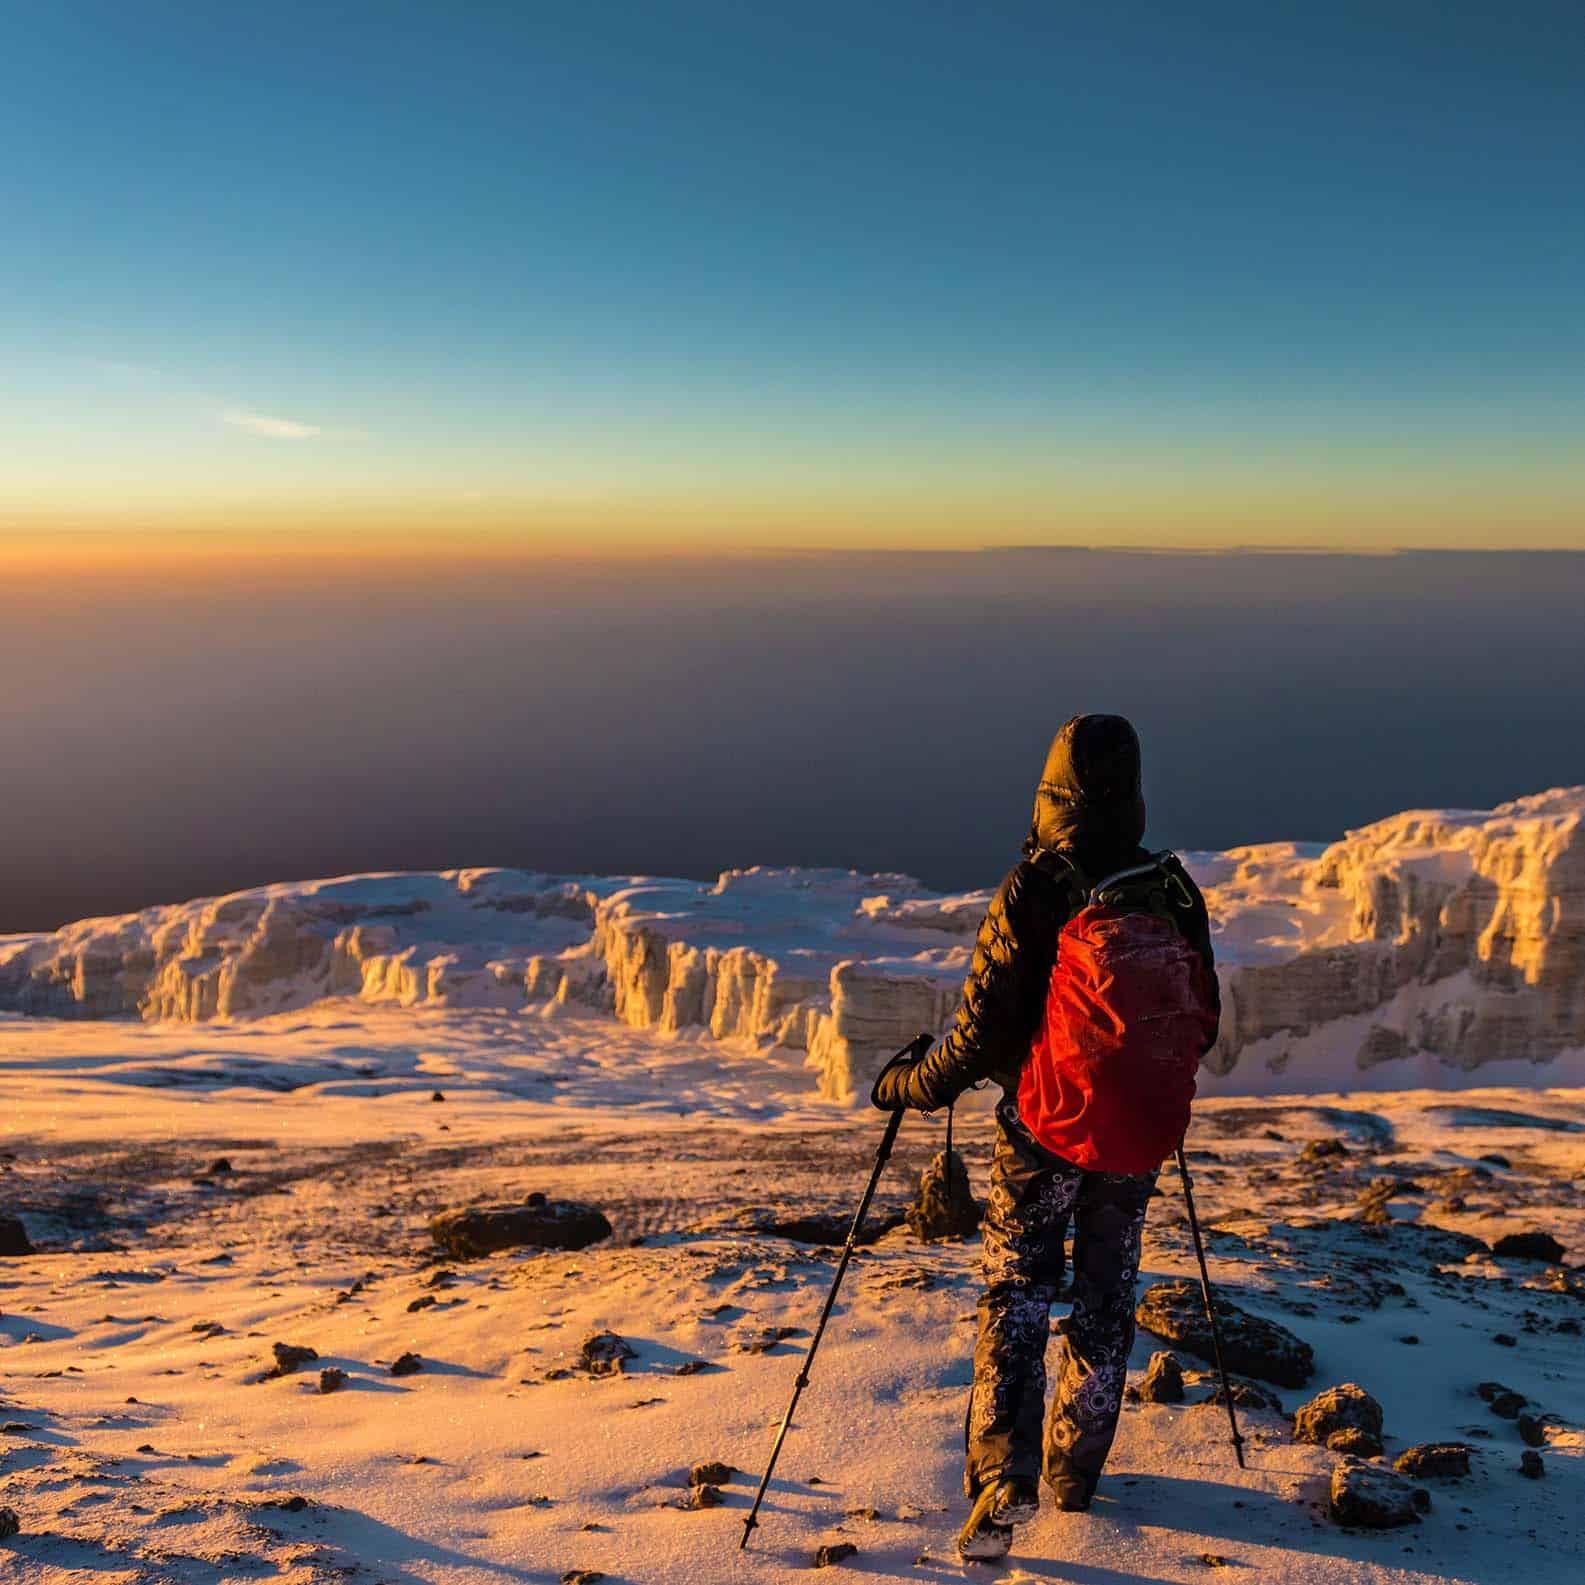 Walking On The Summit Of Mount Kilimanjaro During Winter